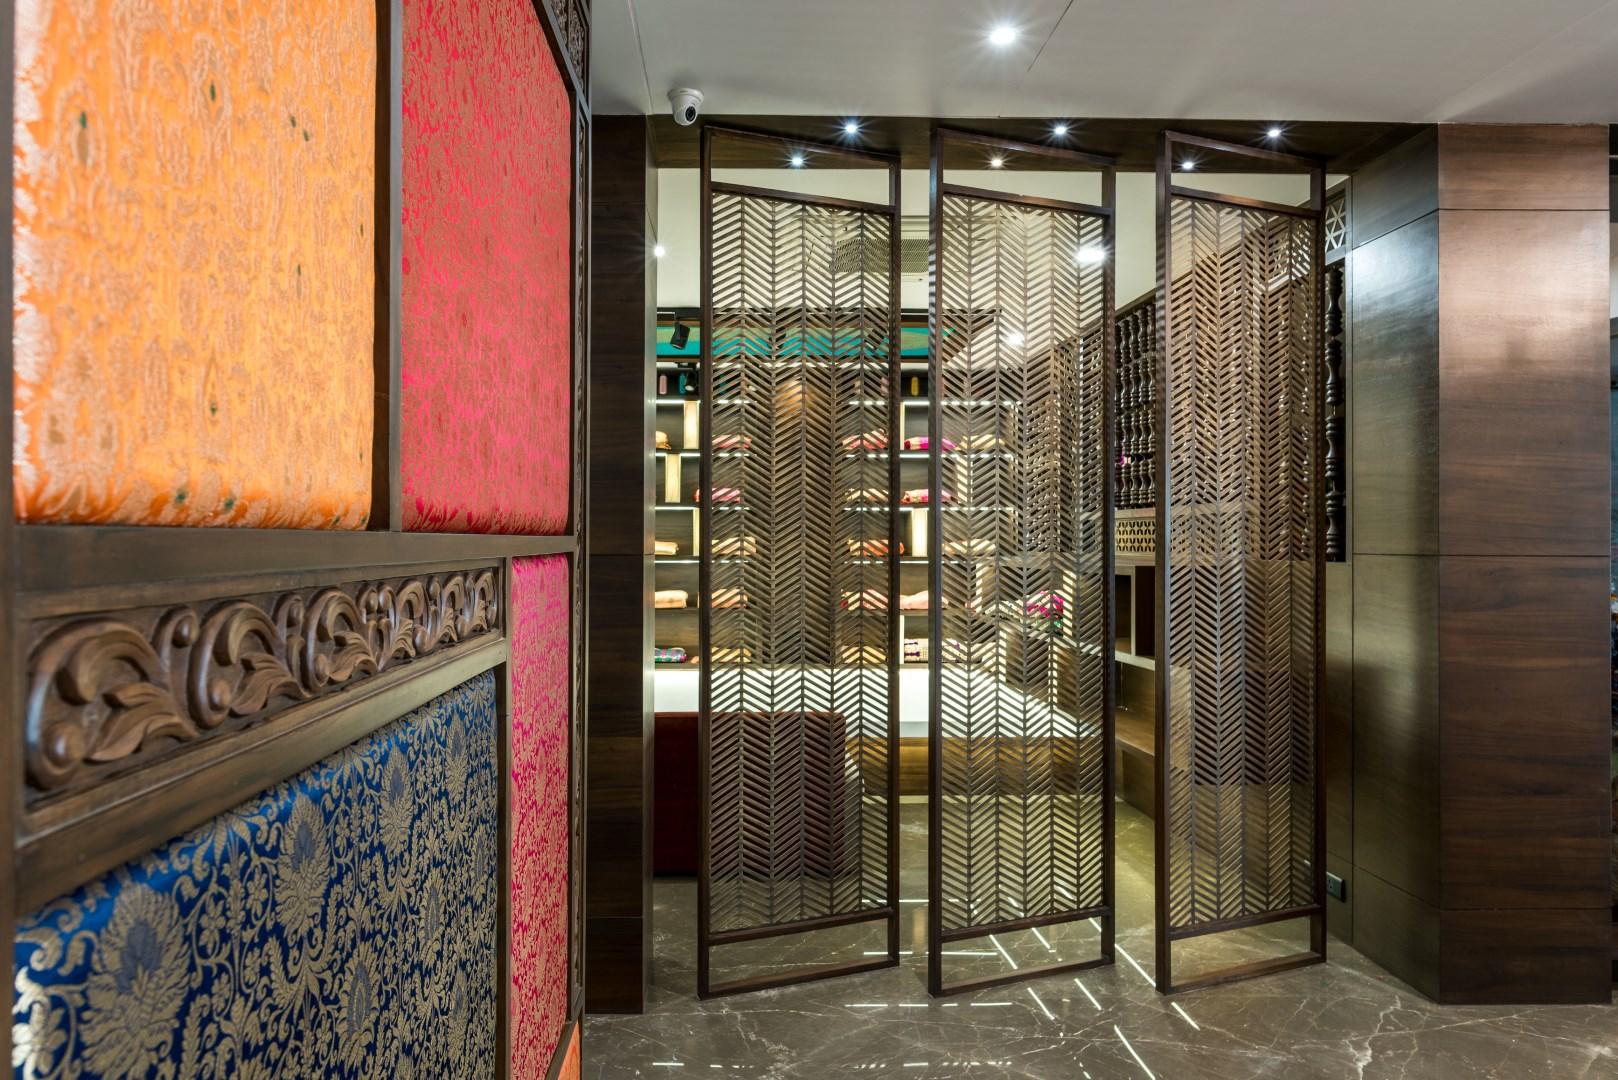 indian bridal boutique interior design ideas pictures